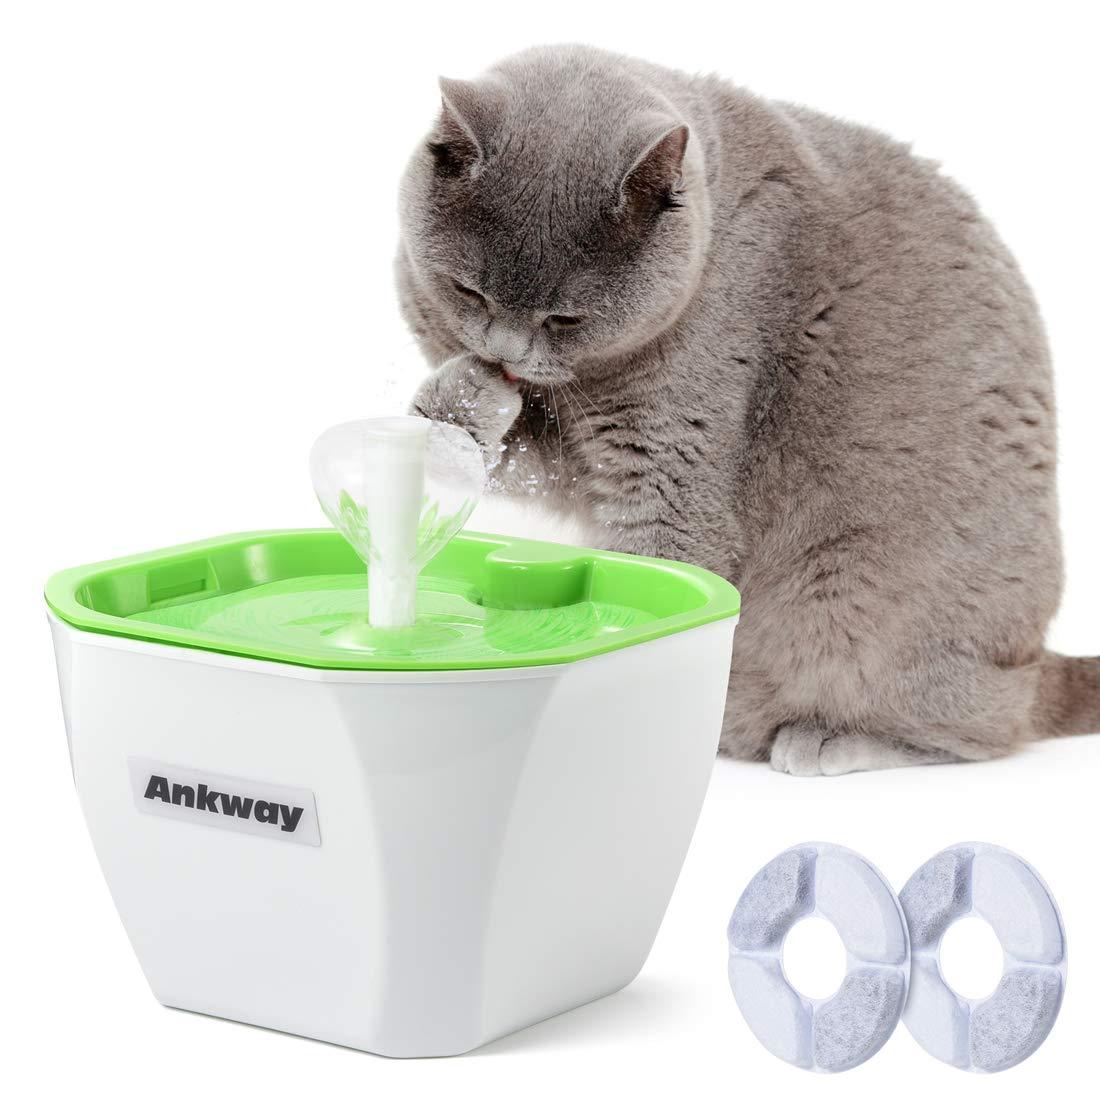 Ankway Bebedero Gatos, Fuente para Gatos Automático Bebedero para Mascotas 1.6L con filtros de Carbón y Detector de Nivel de Agua, Dispensador de ...